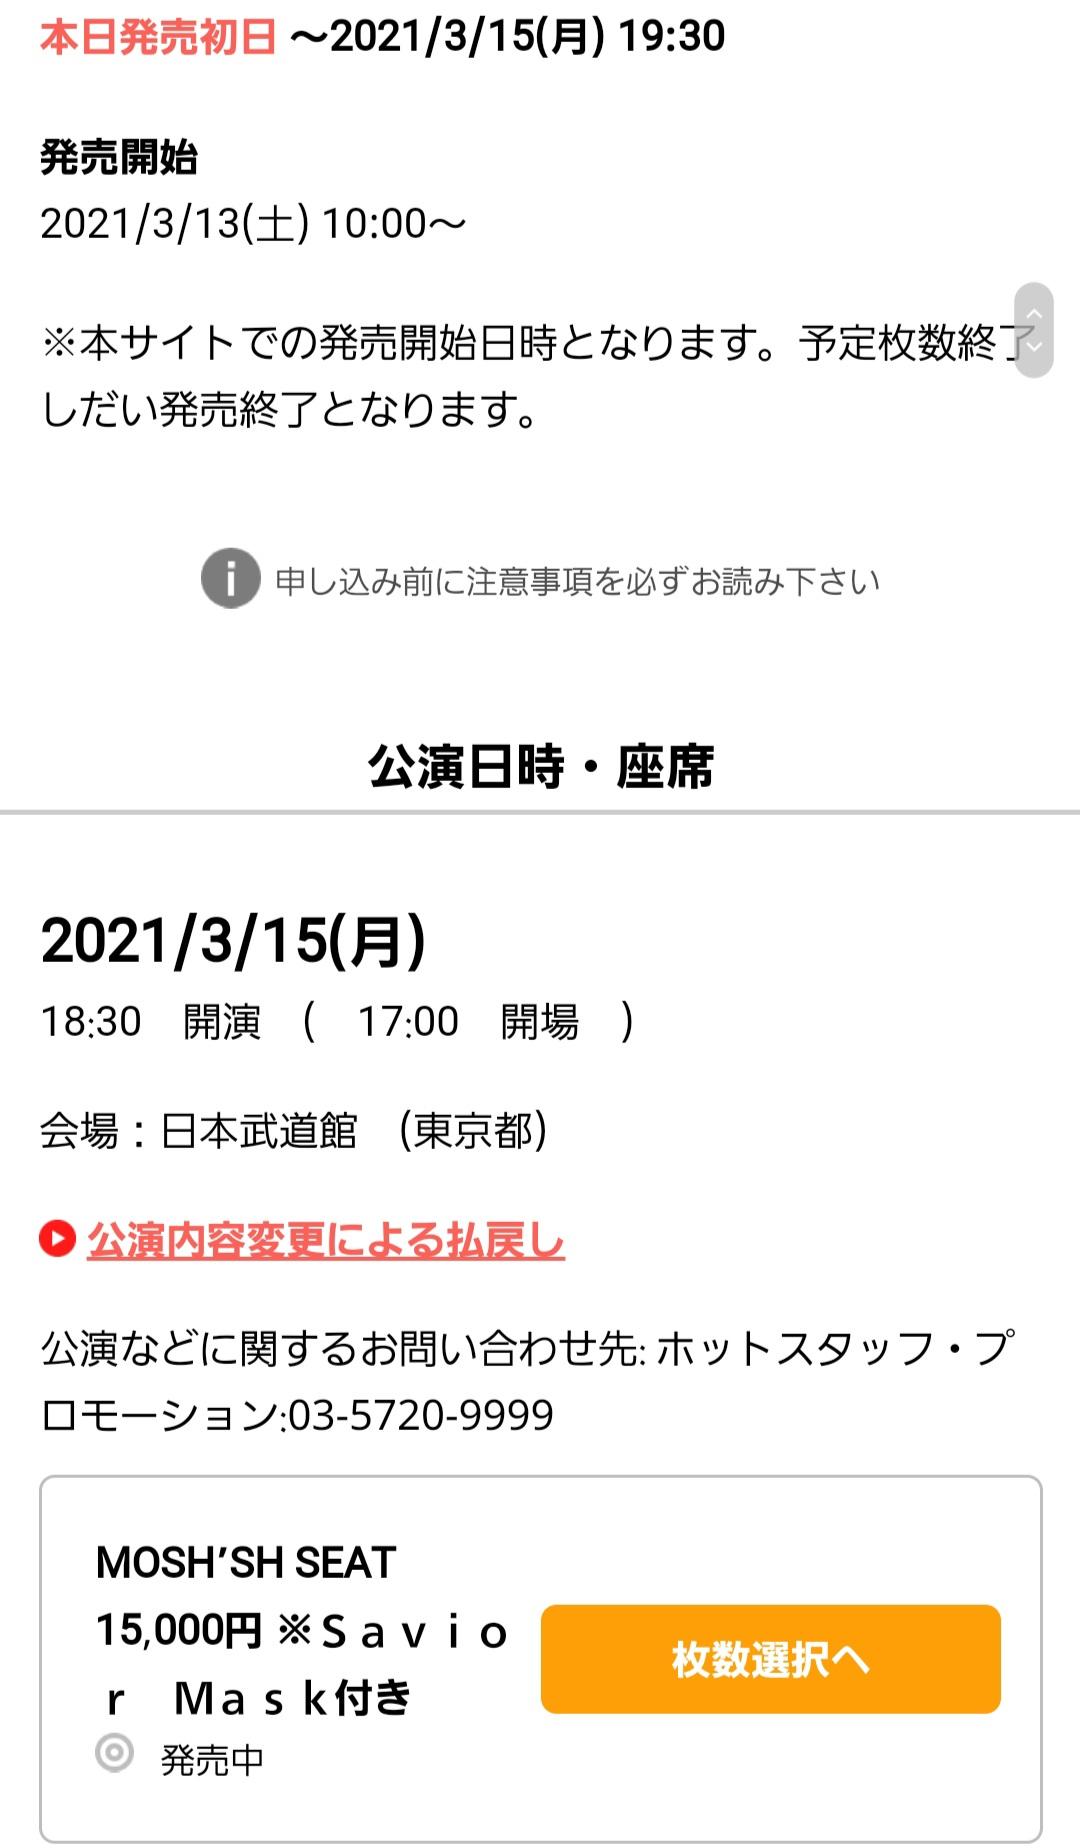 世界のBABYMETALさん、武道館(キャパ4200)のチケット売れないww